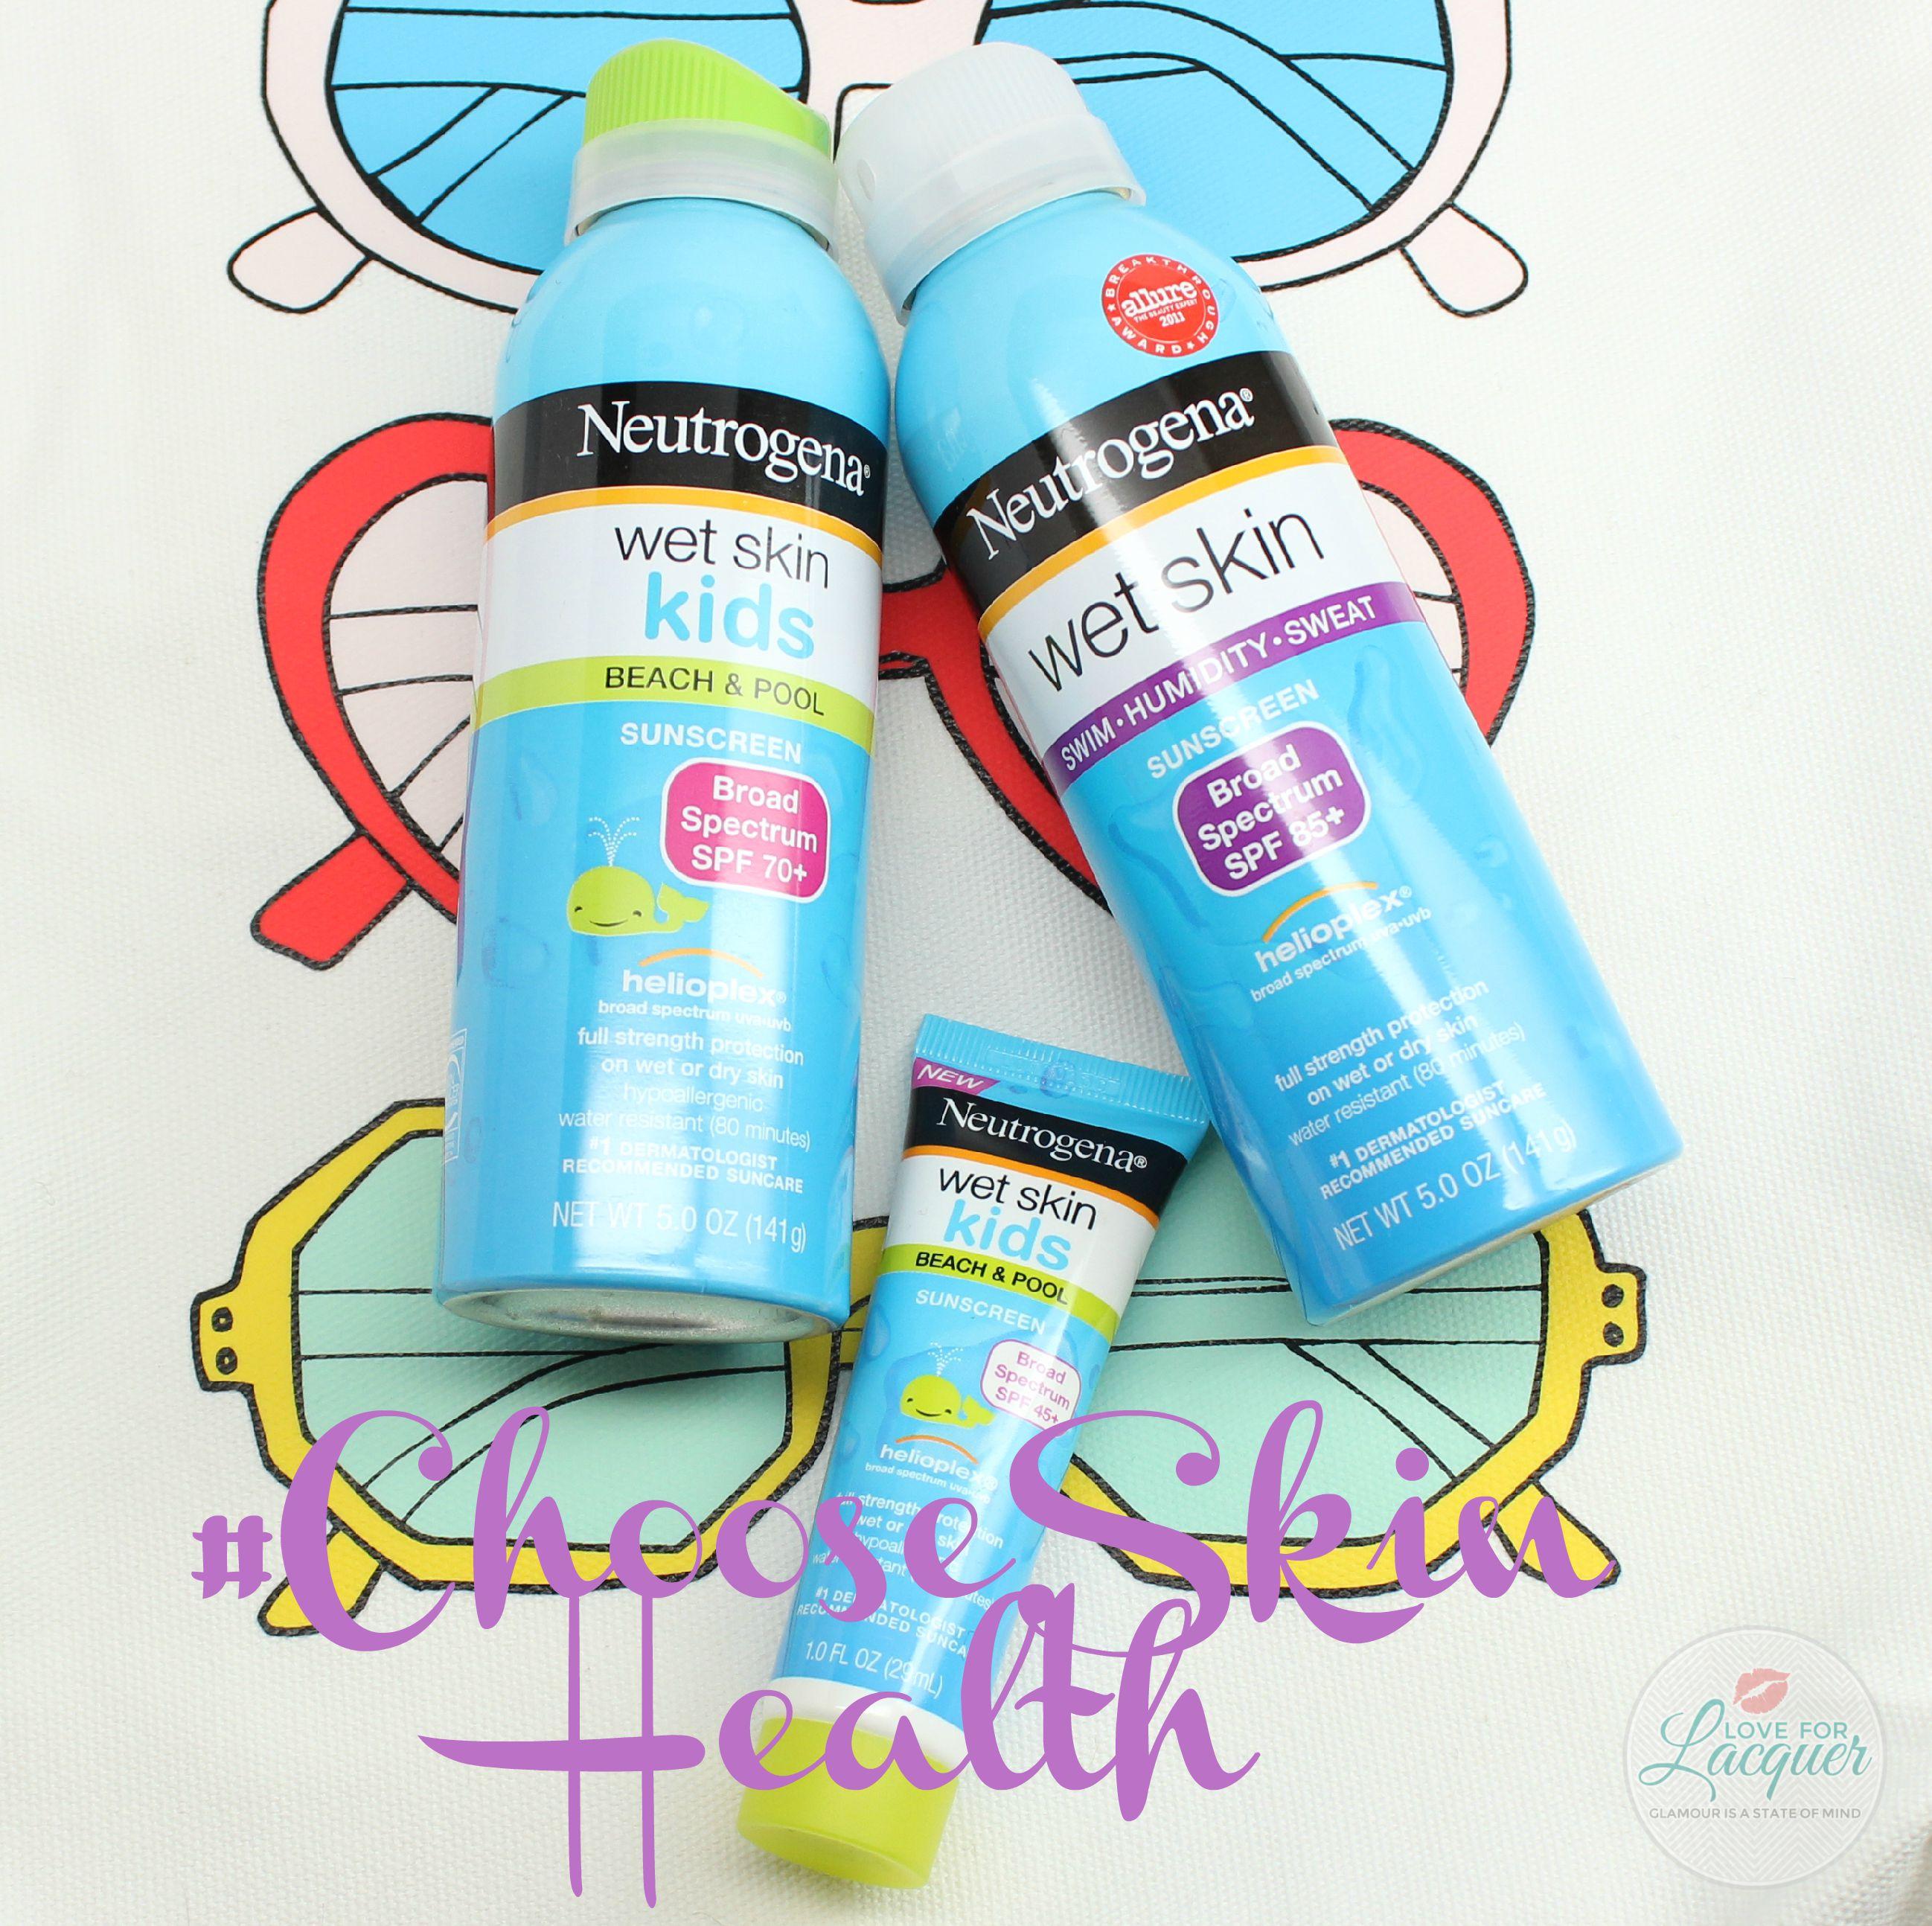 Neutrogena Skin Health Hero